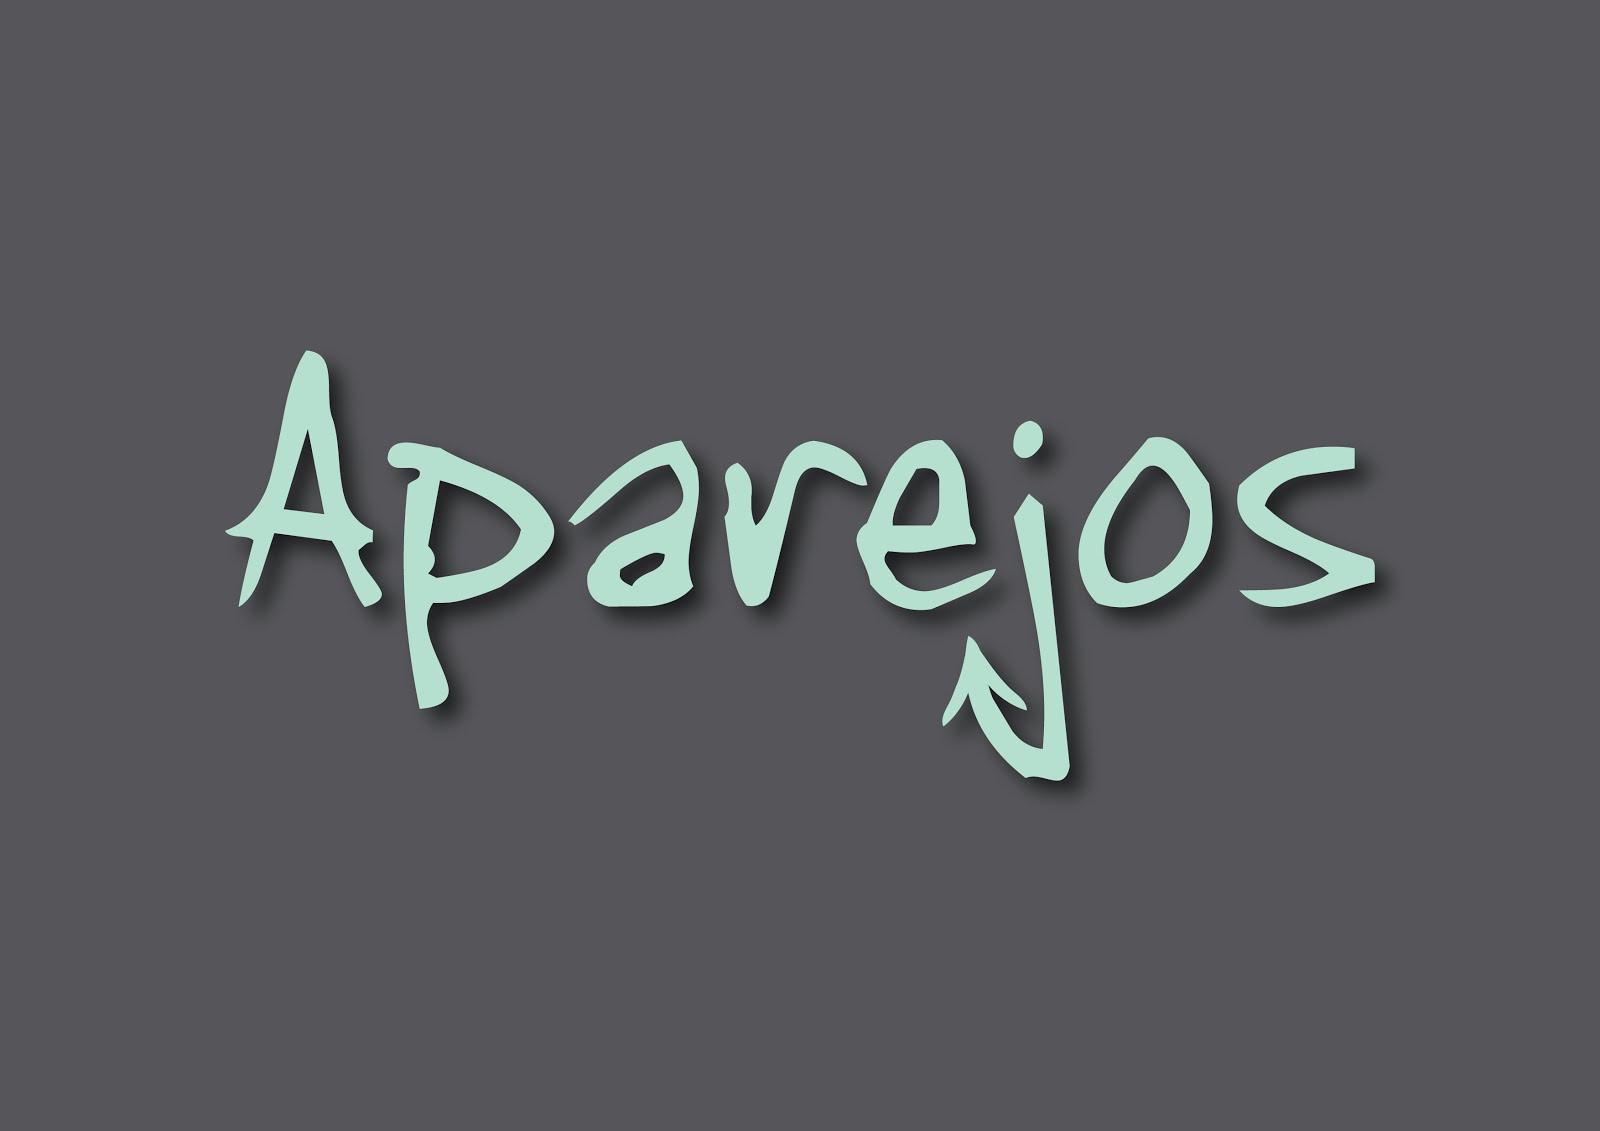 El blog de Aparejos